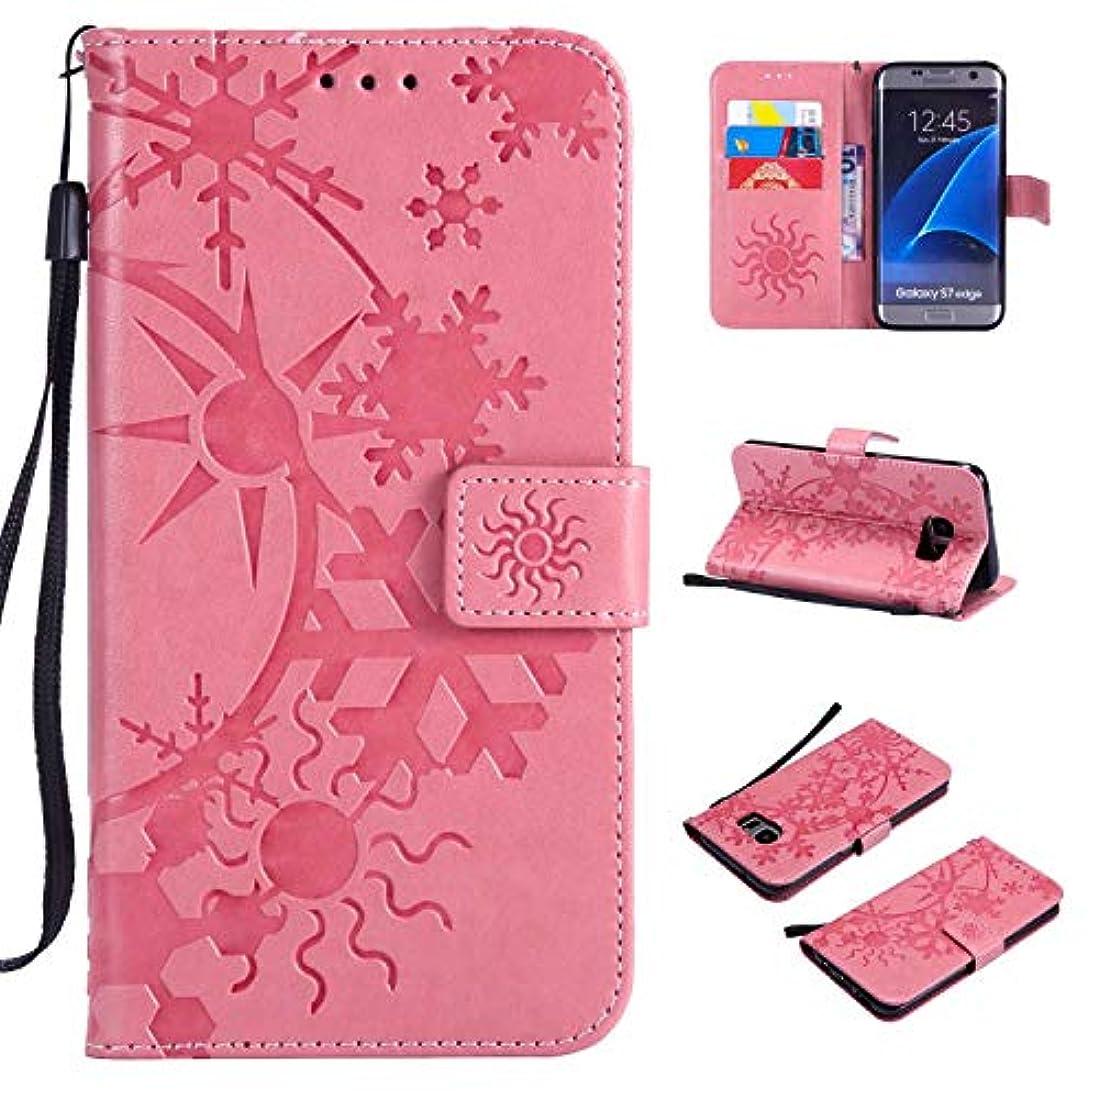 行き当たりばったり名誉あるスカリーGalaxy S7 Edge ケース CUSKING 手帳型 ケース ストラップ付き かわいい 財布 カバー カードポケット付き Samsung ギャラクシー S7 Edge マジックアレイ ケース - ピンク